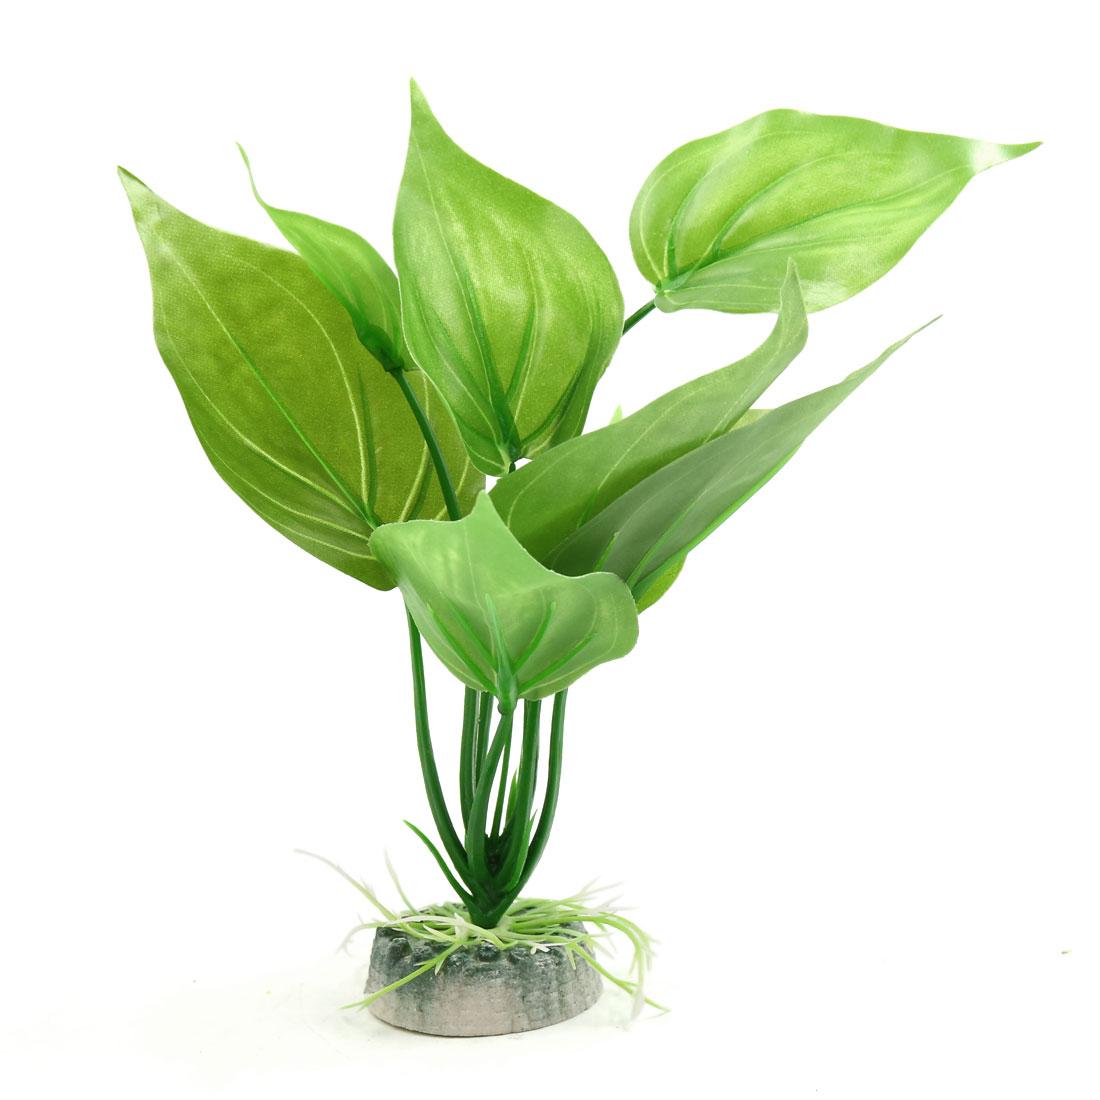 Green Plastic Aquatic Leaves Plant Aquarium Tank Waterscape Decorative Decor